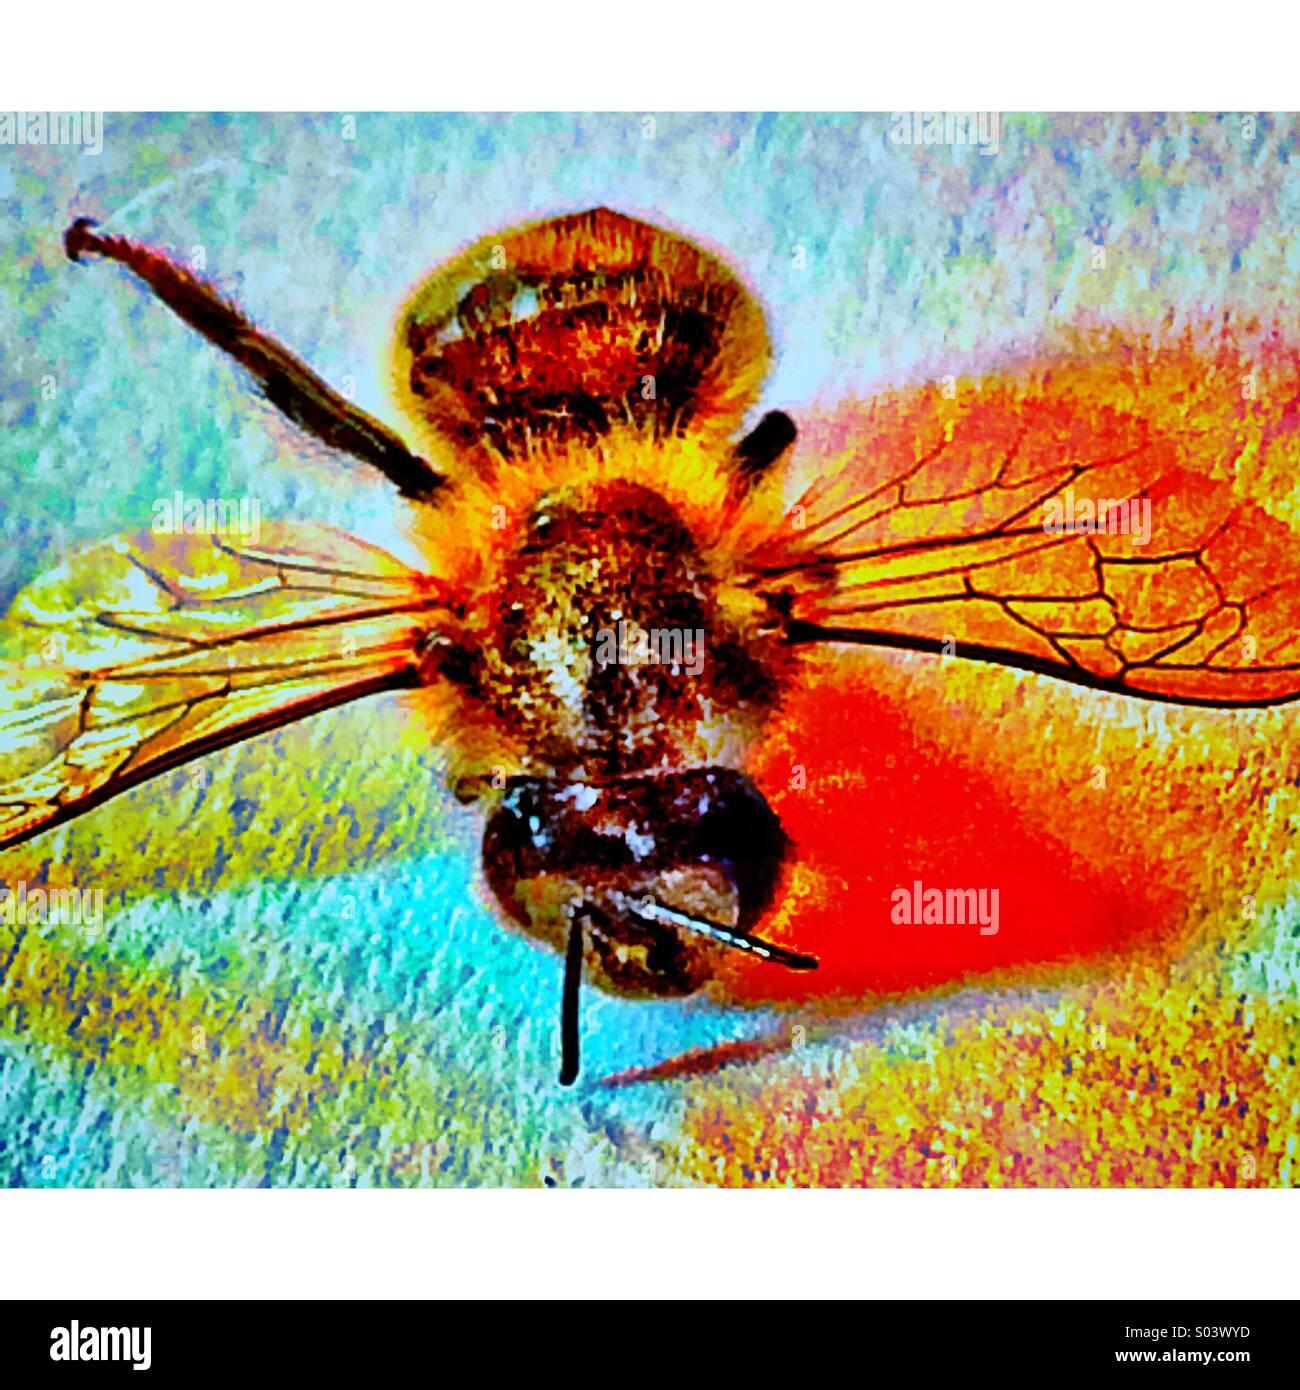 Nahaufnahme von Wespe auf Bettdecke Stockbild